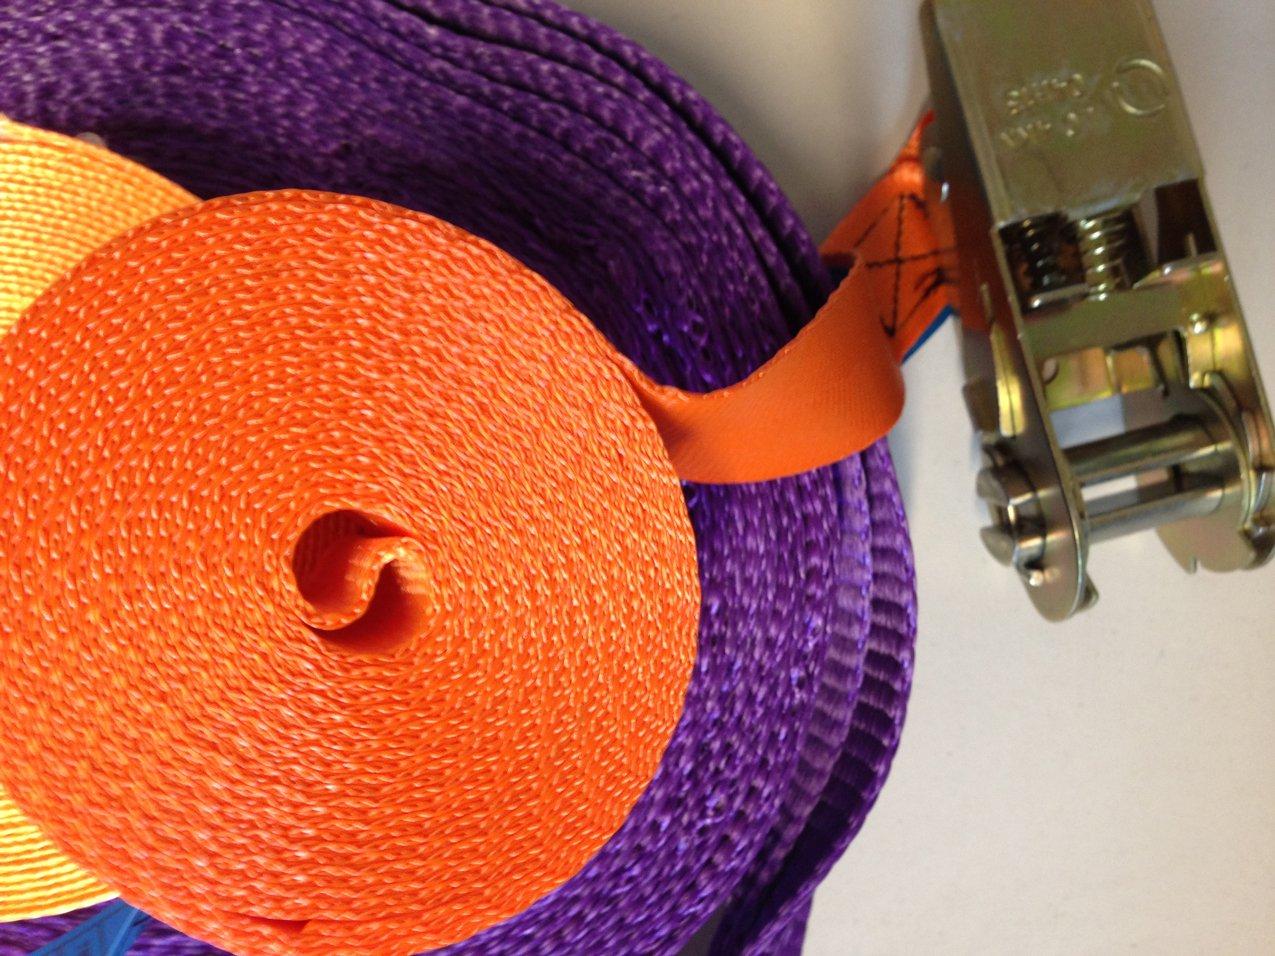 nastri colorati arancione e viola